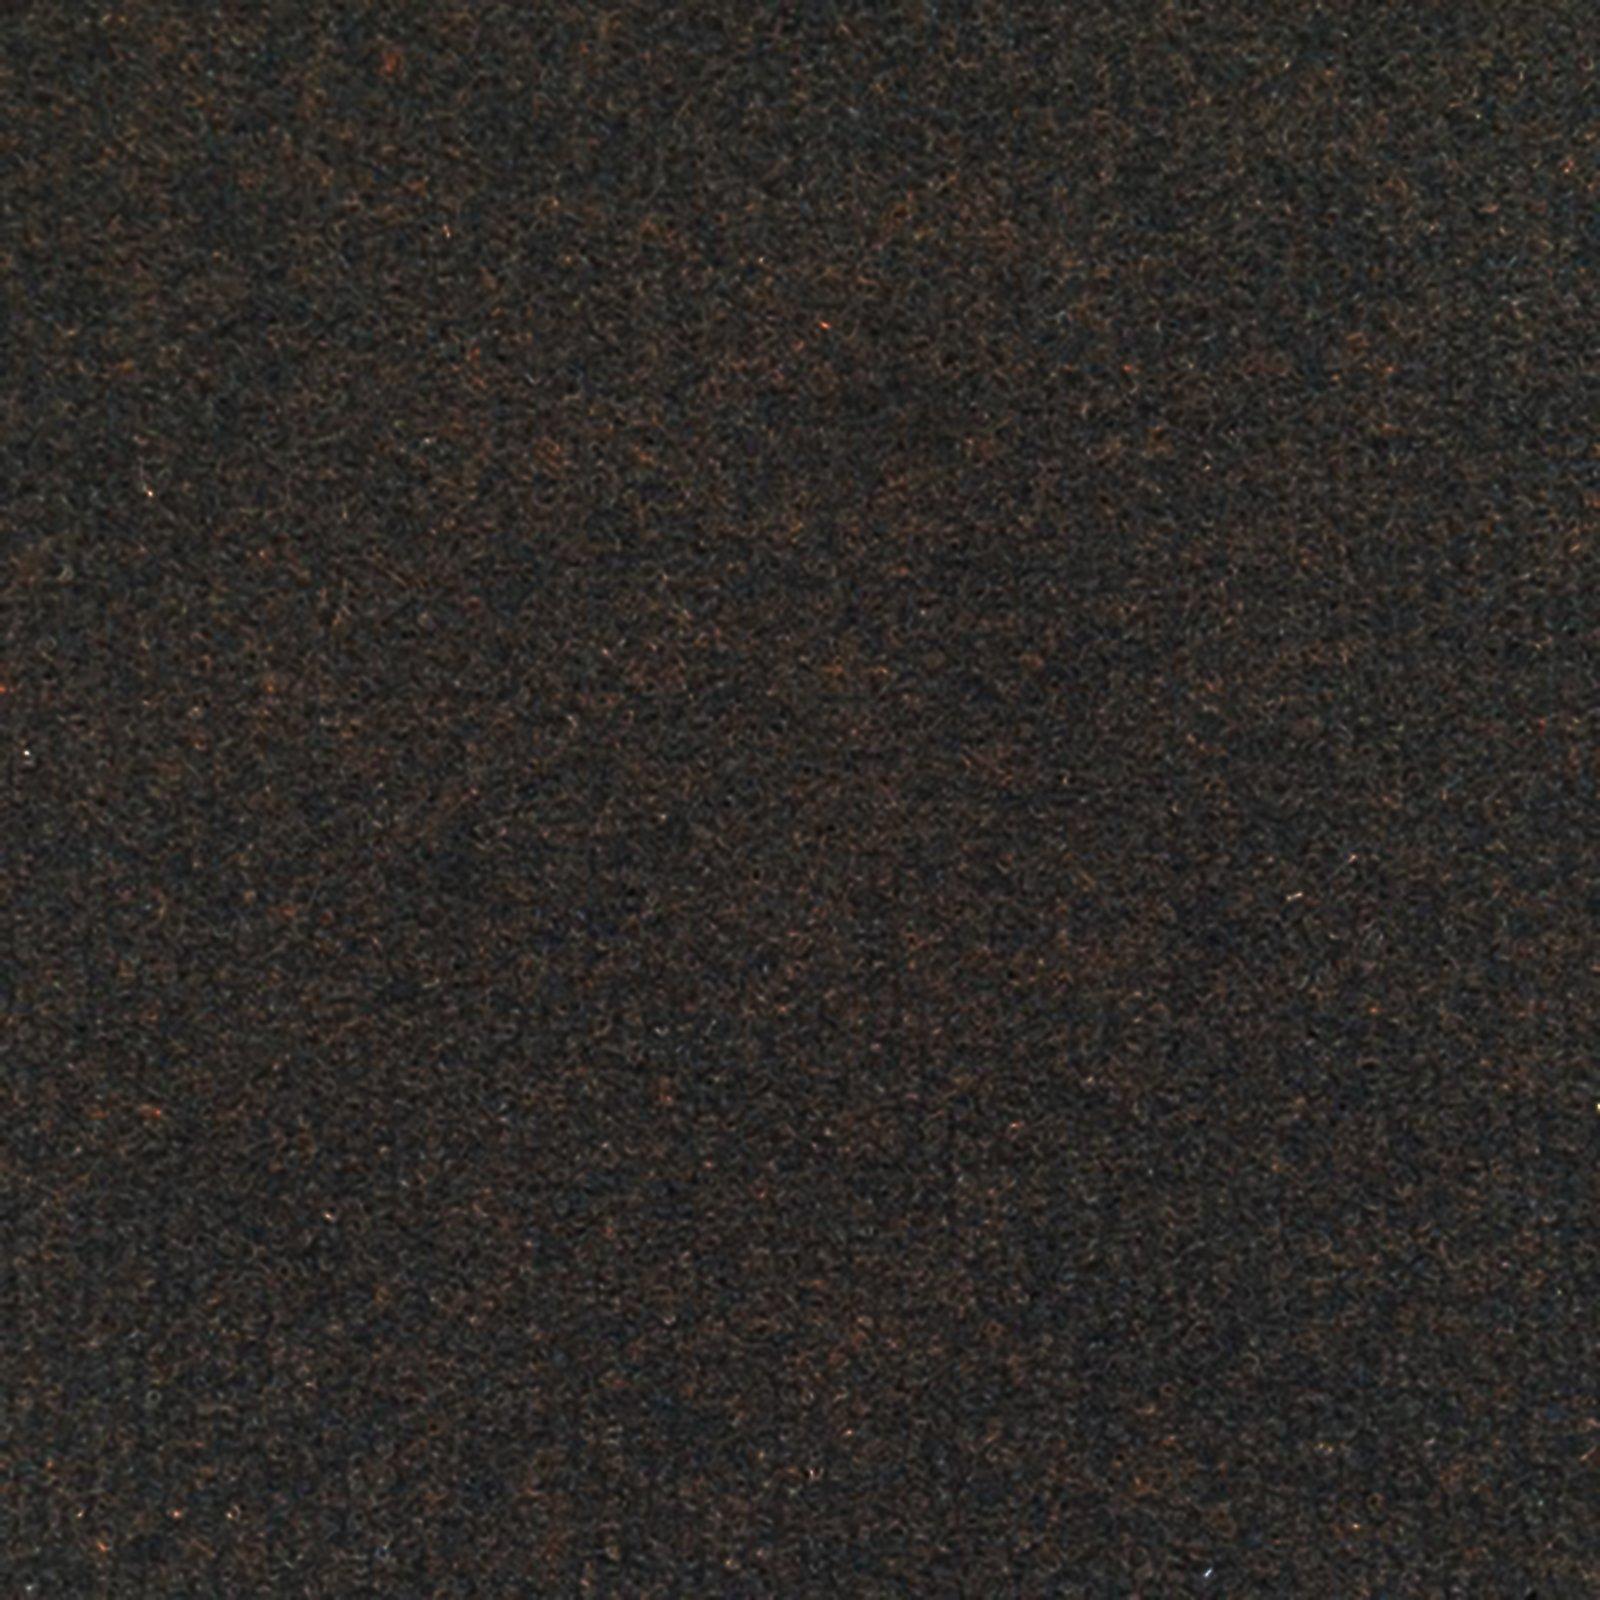 Teppich dunkelbraun  Teppichboden STAR - dunkelbraun - 4 Meter breit | Teppichboden ...